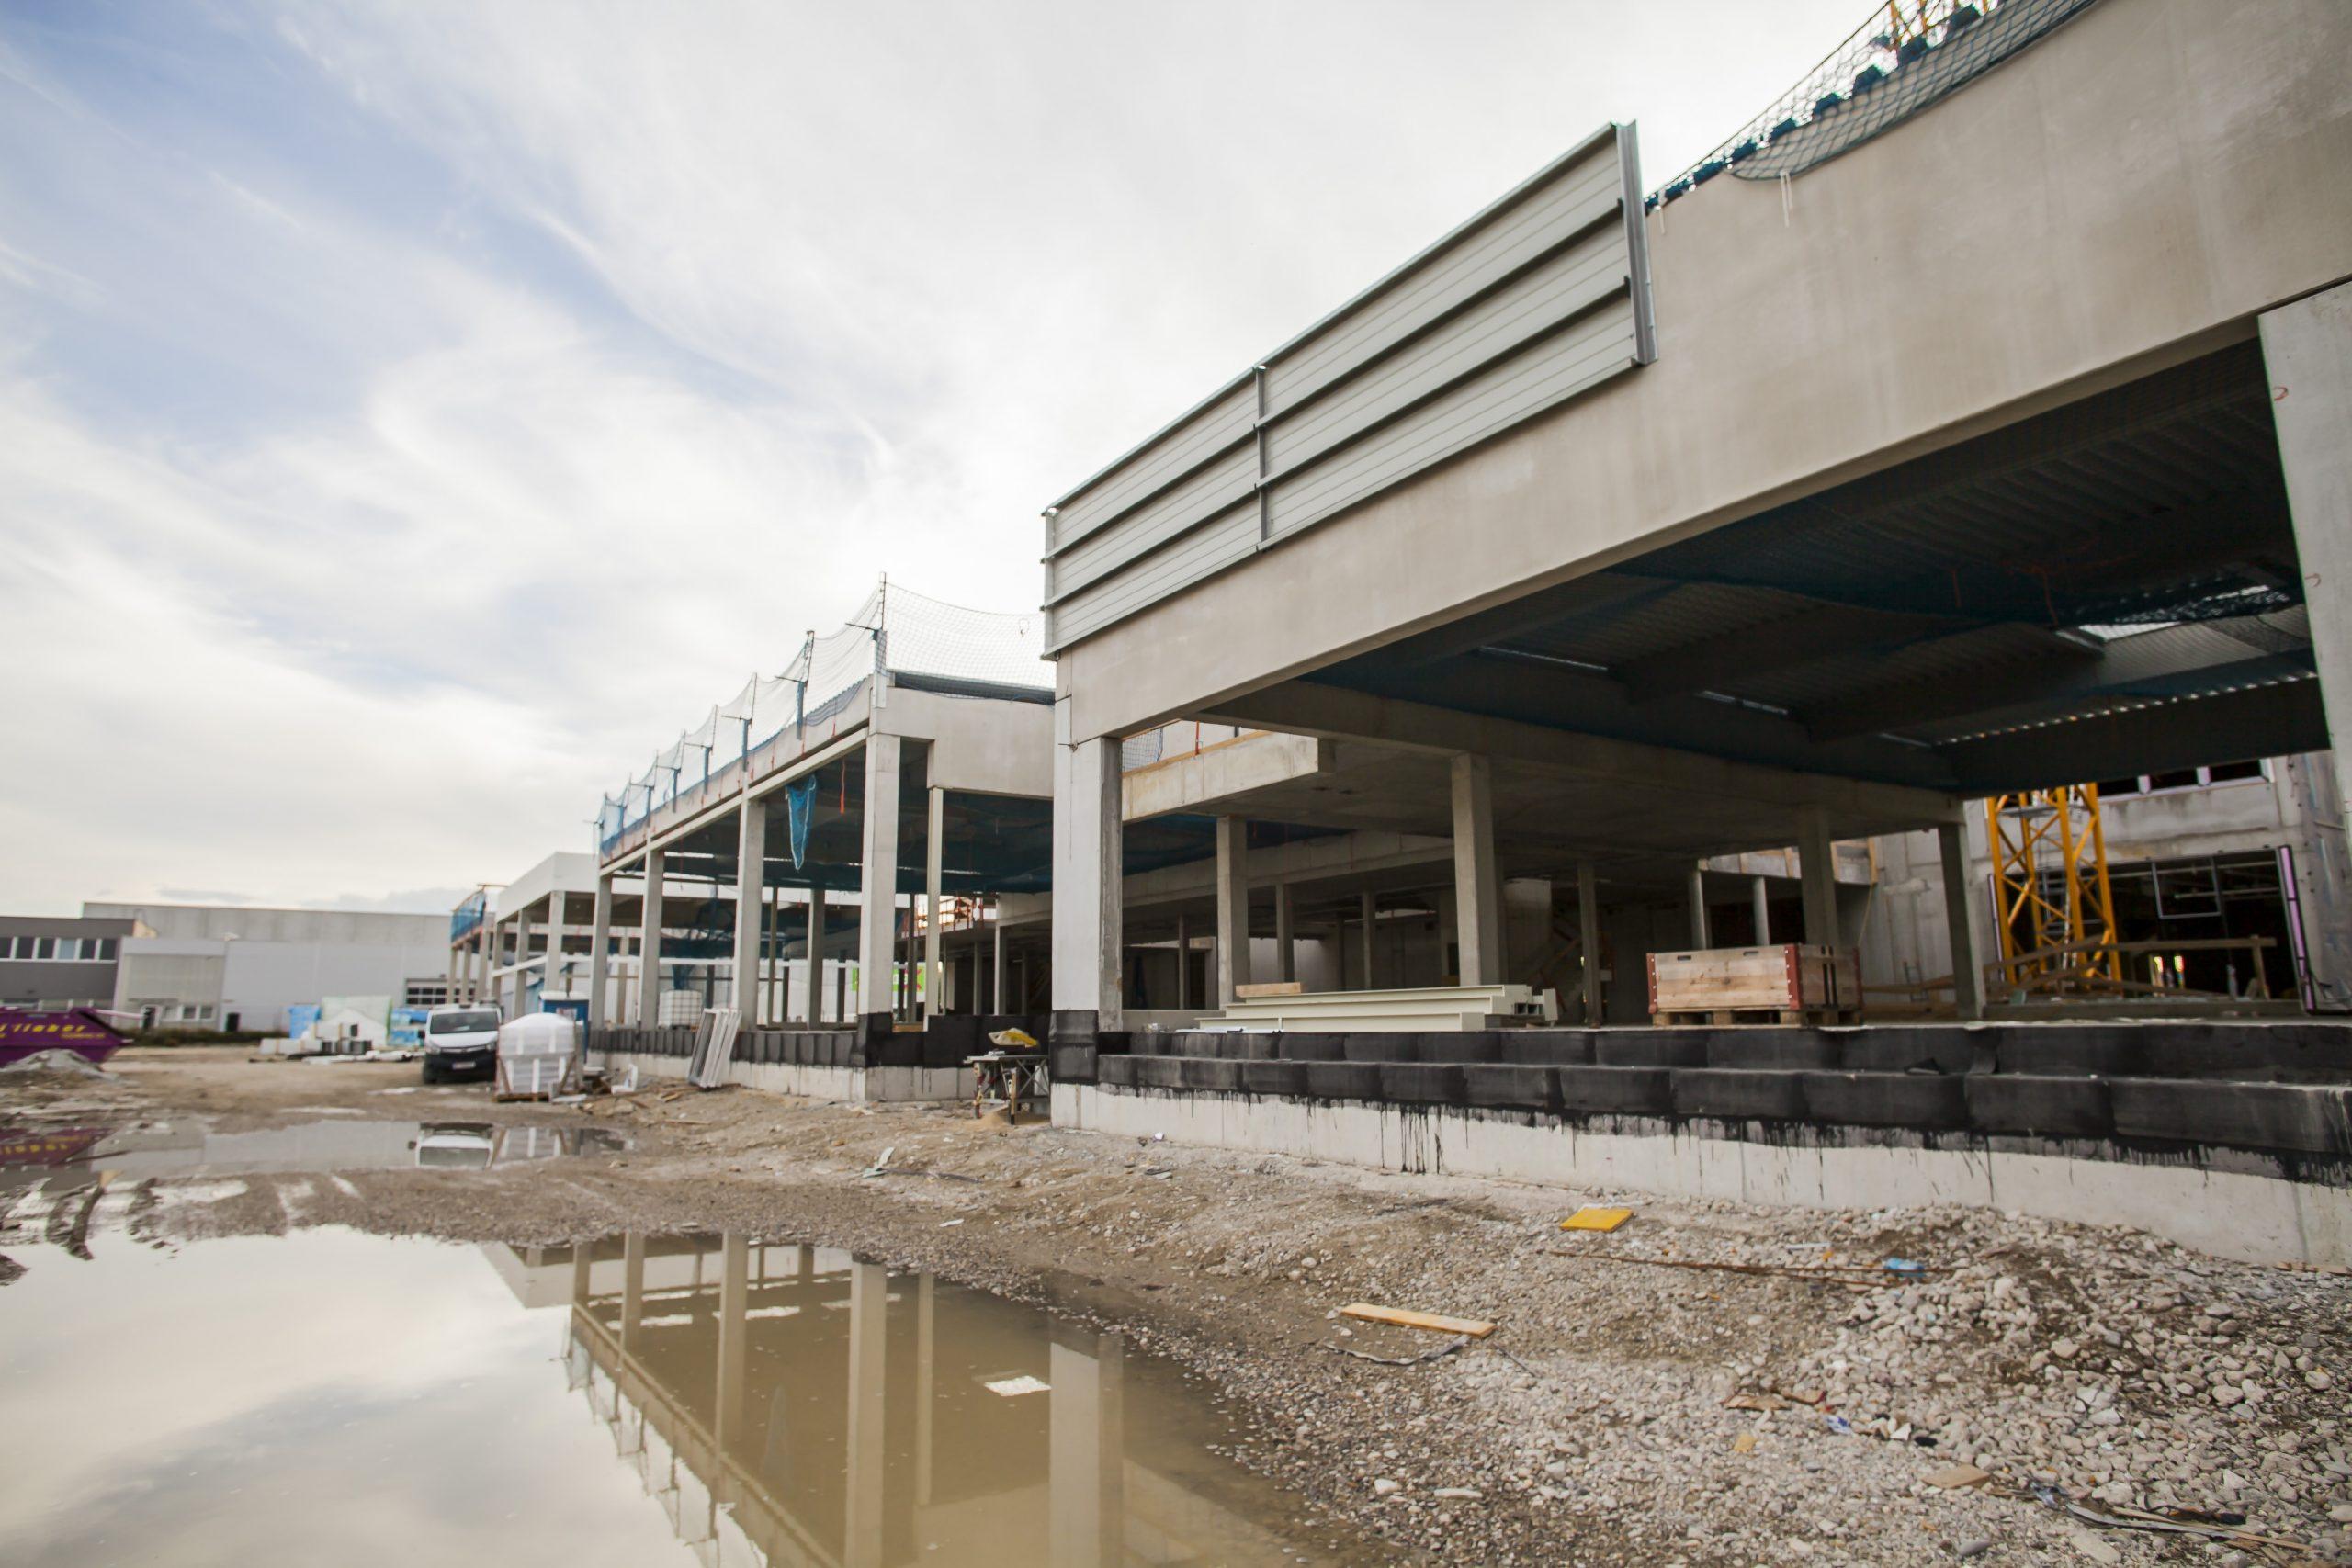 AUTO STAHL Wien 22 | Außenansicht der Schauräume für Jaguar und Land Rover | September 2020